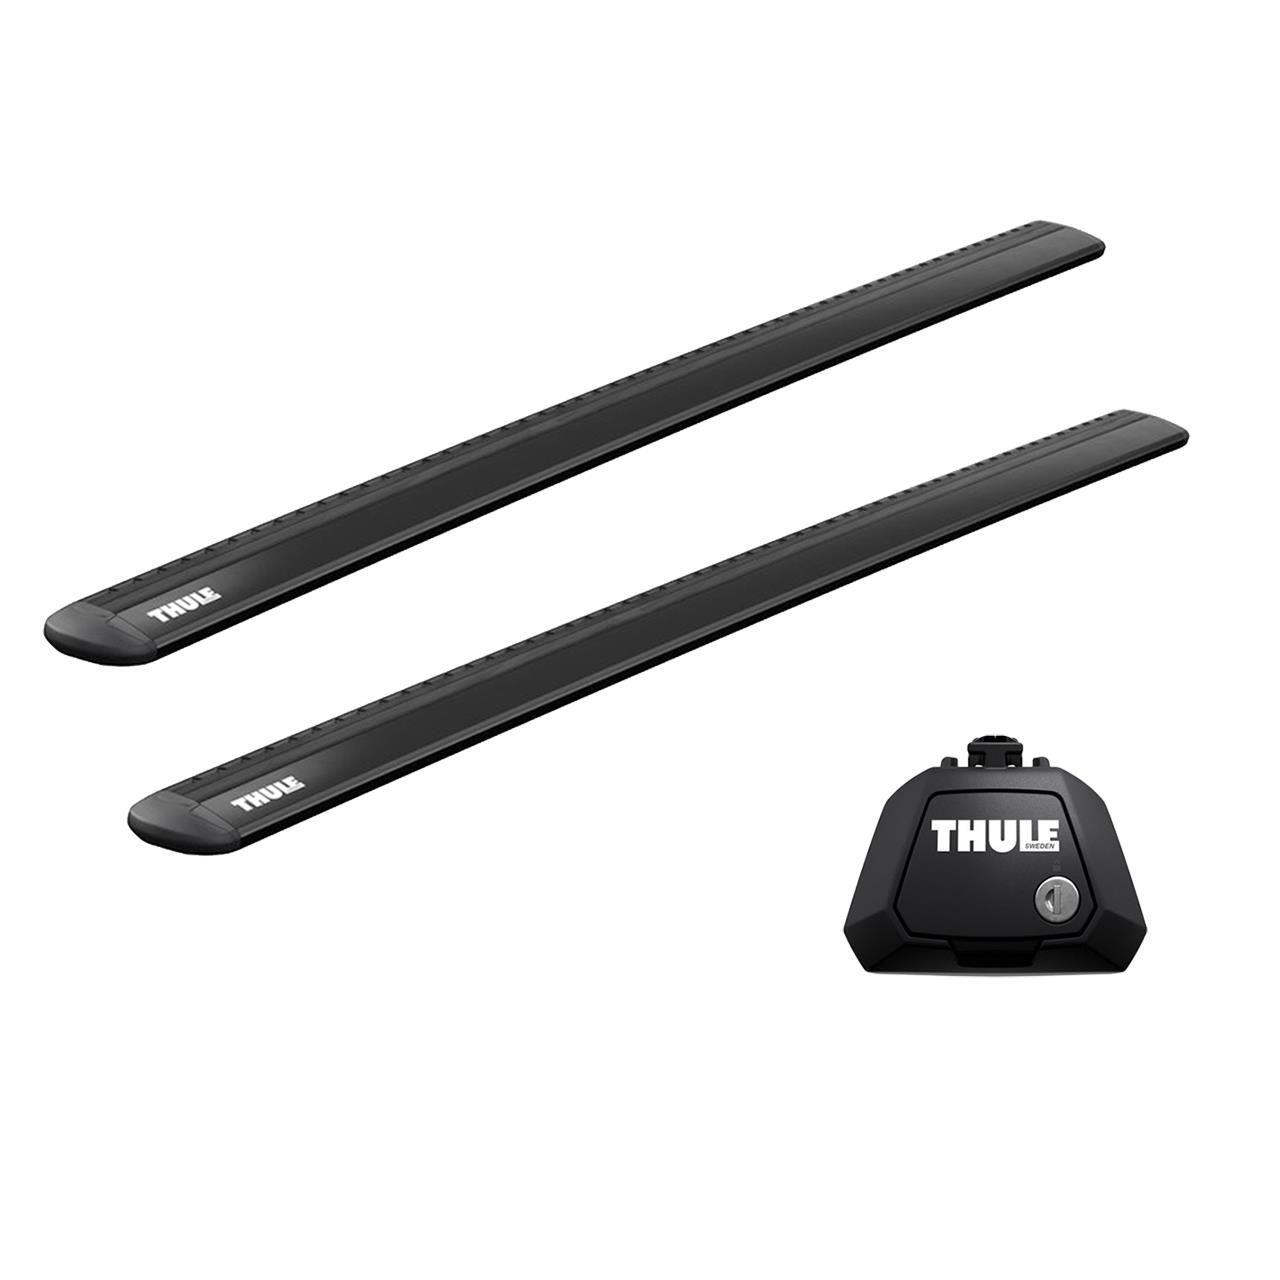 Напречни греди Thule Evo Raised Rail WingBar Evo 127cm в Черно за INFINITI FX35 5 врати SUV 2004- с фабрични надлъжни греди с просвет 1